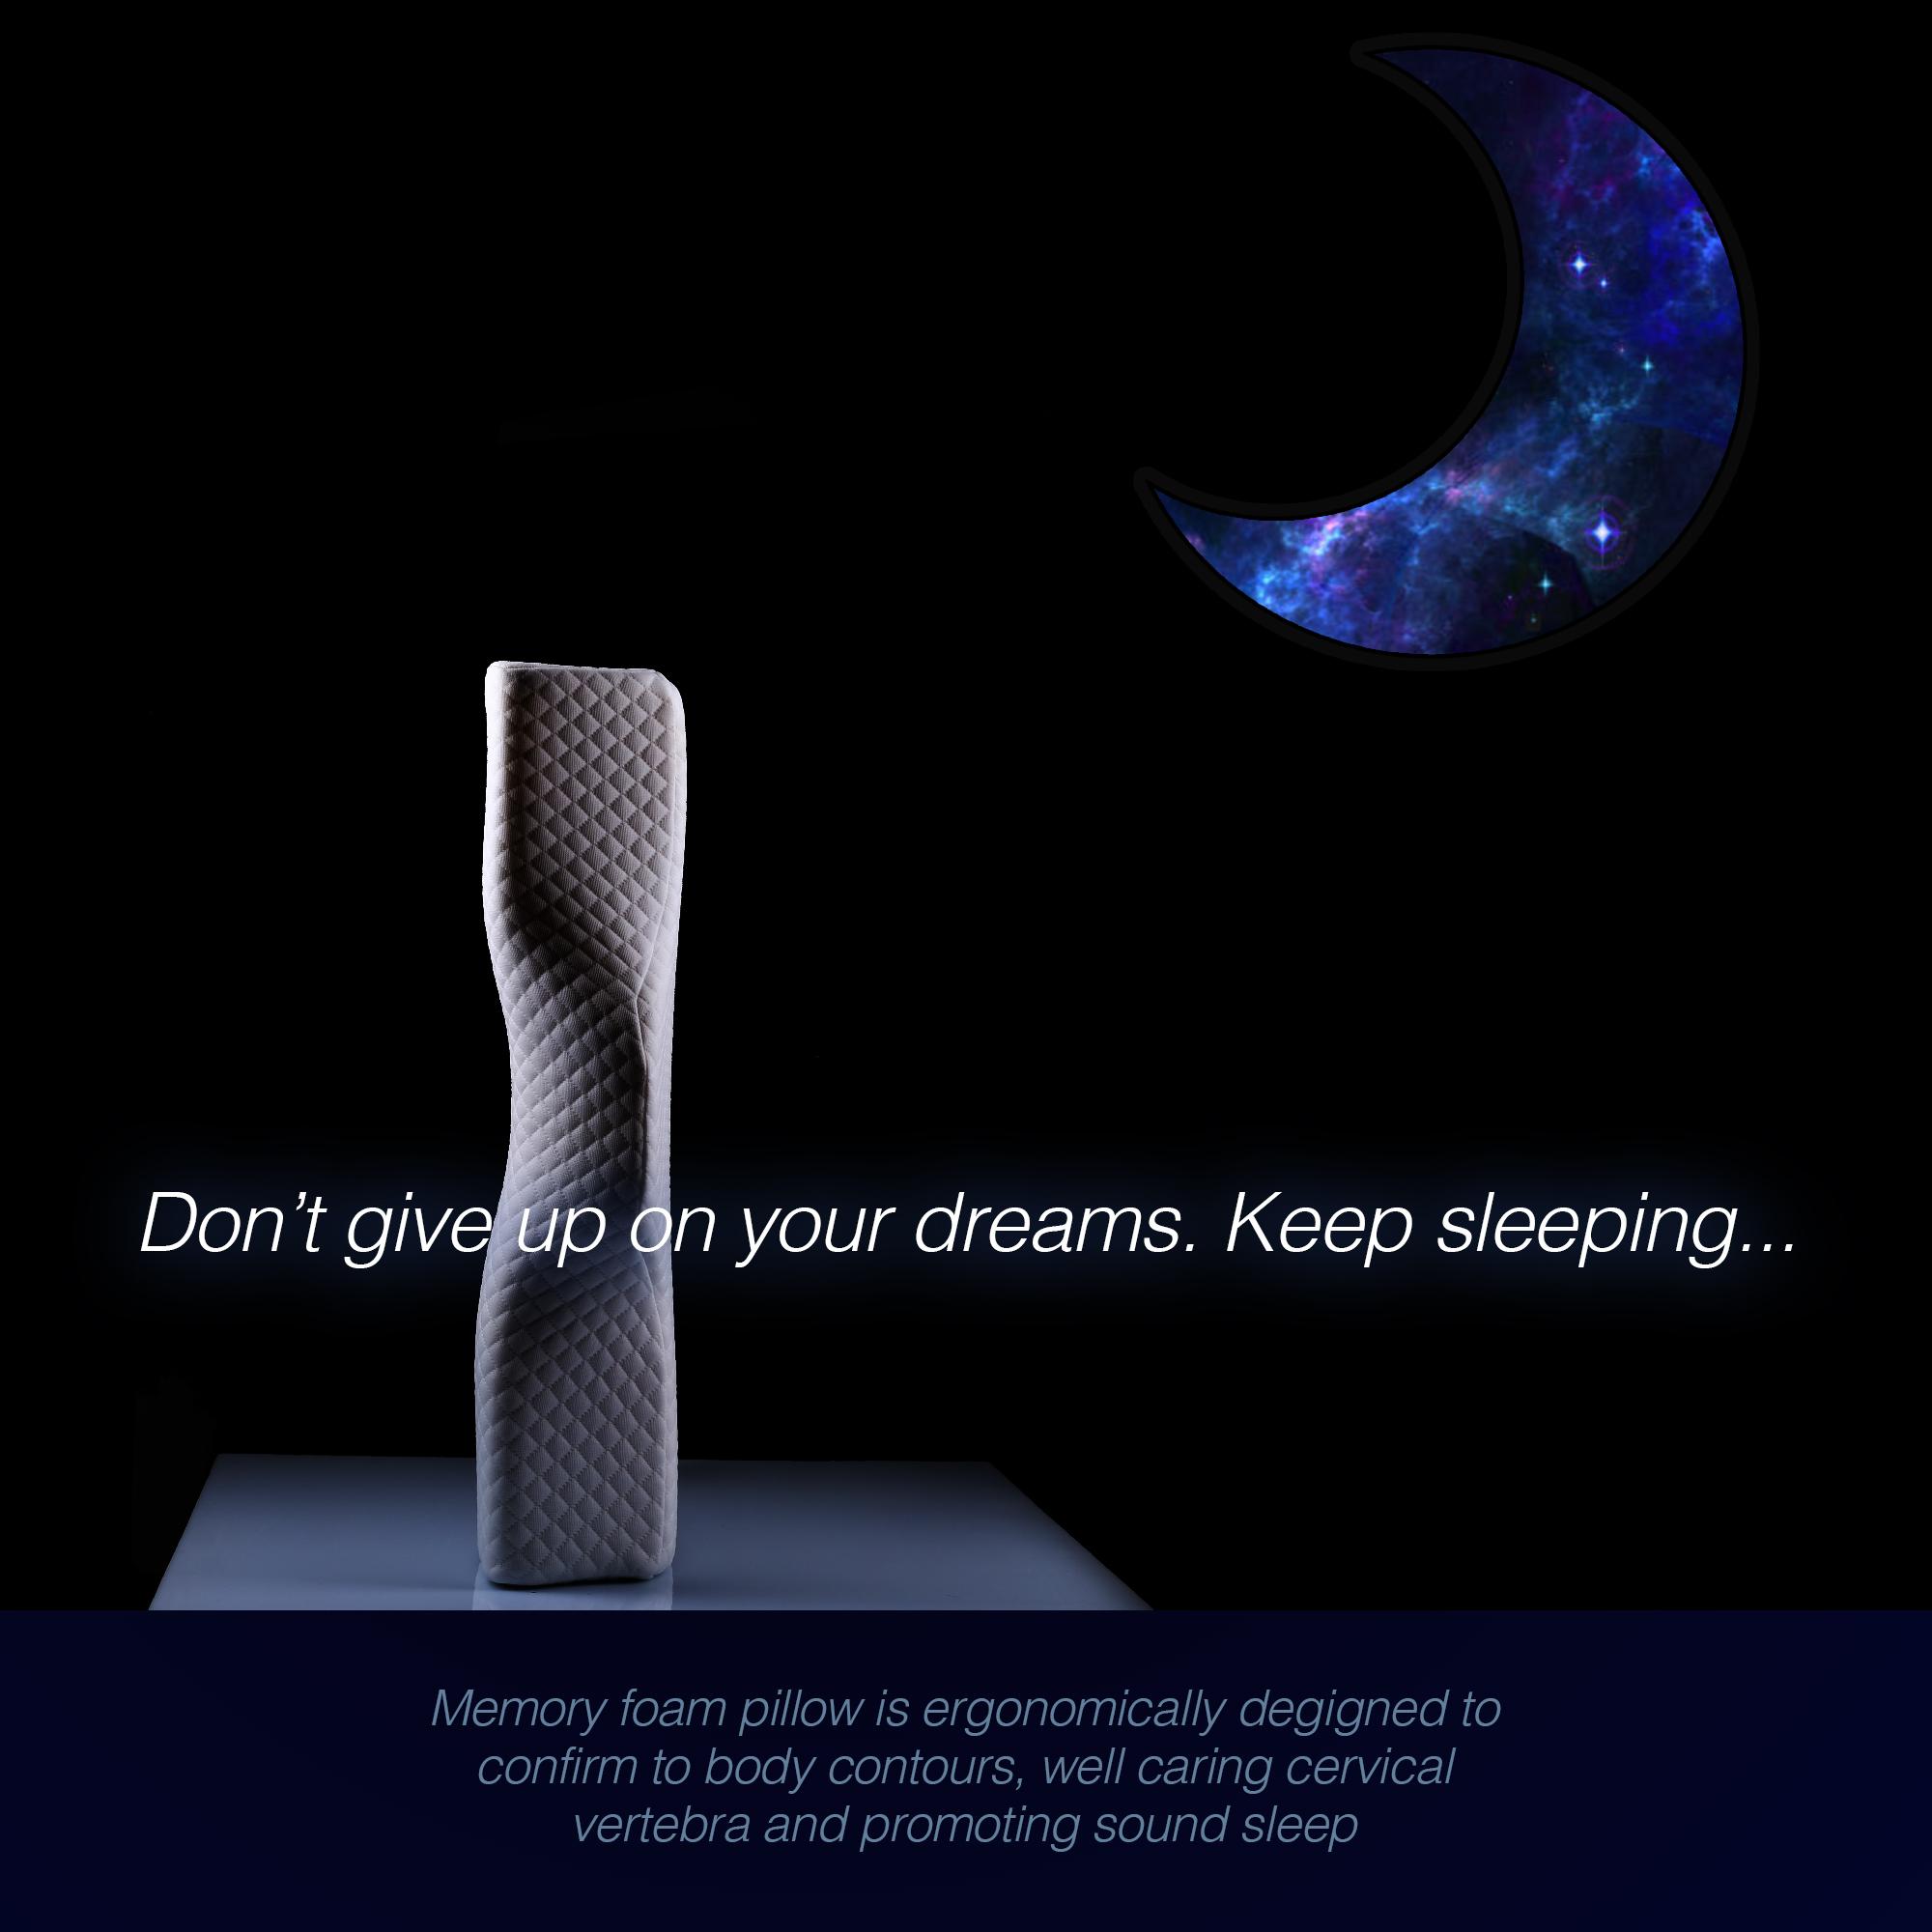 pillow dreams.jpg